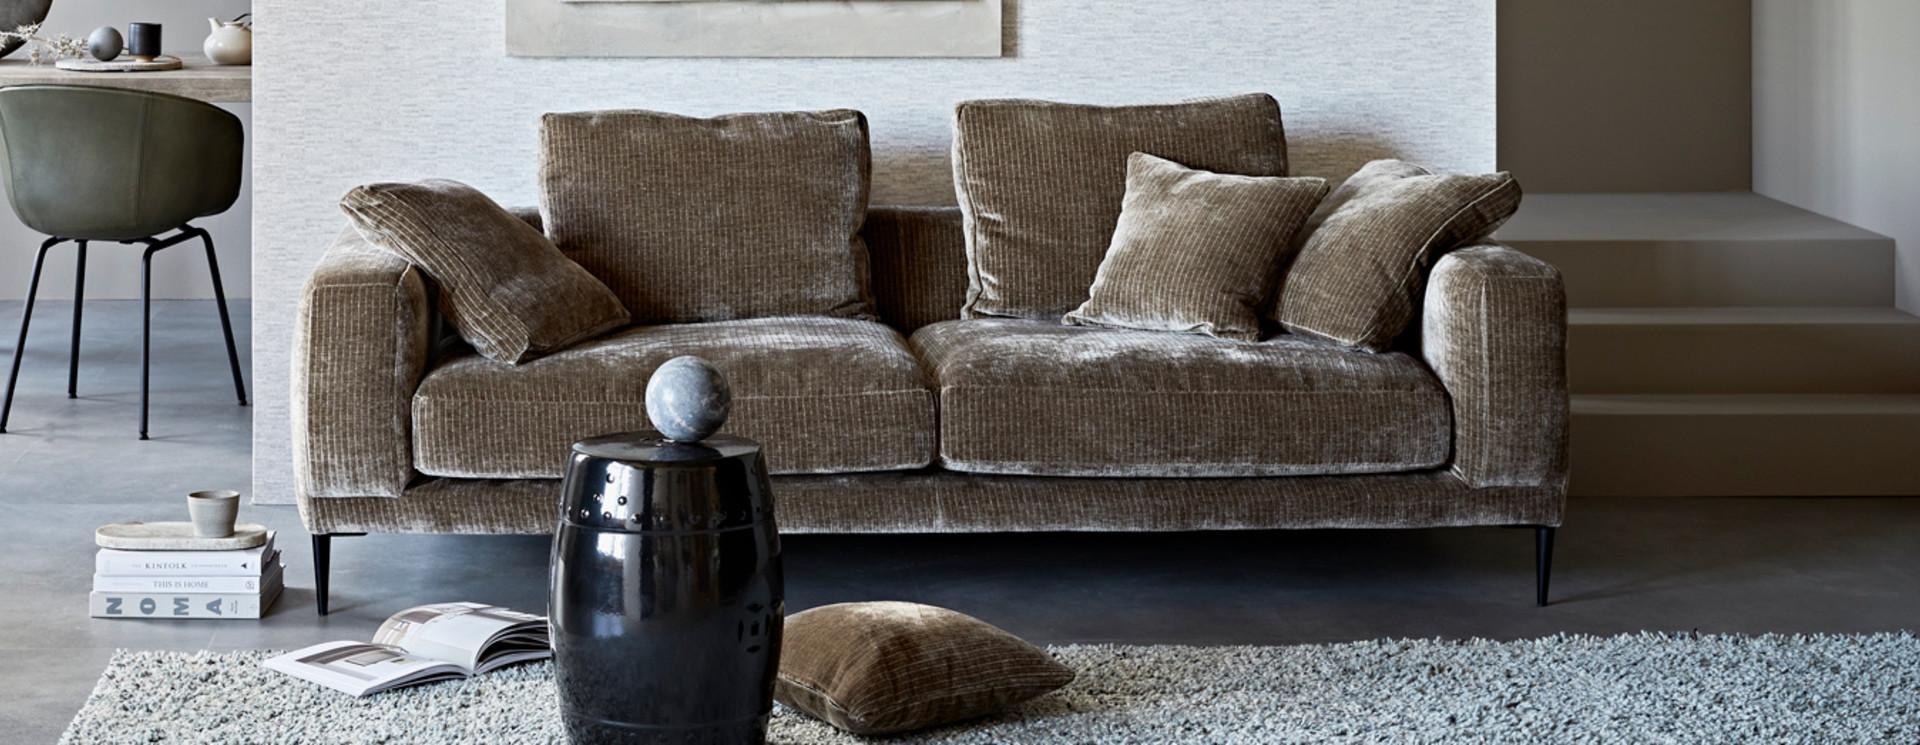 Contemporary Loft sofa